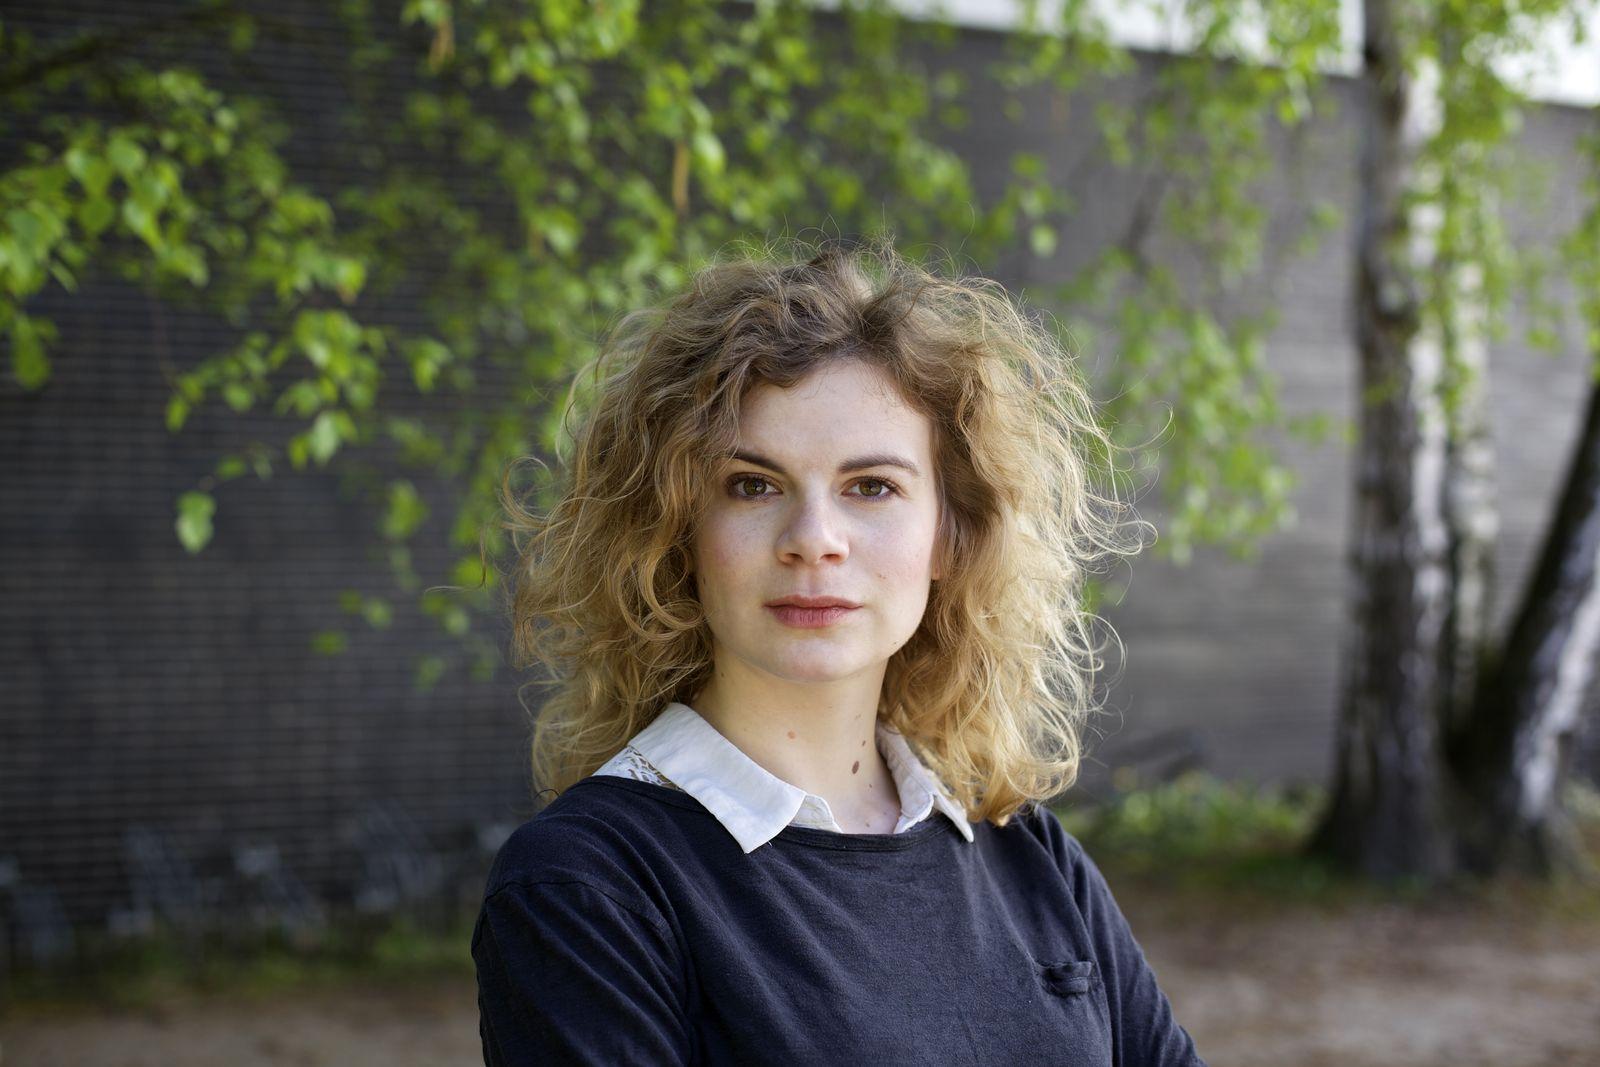 EINMALIGE VERWENDUNG UNI SPIEGEL 3/2016 S.10 Politische Studenten - Fiona Schönbohm,